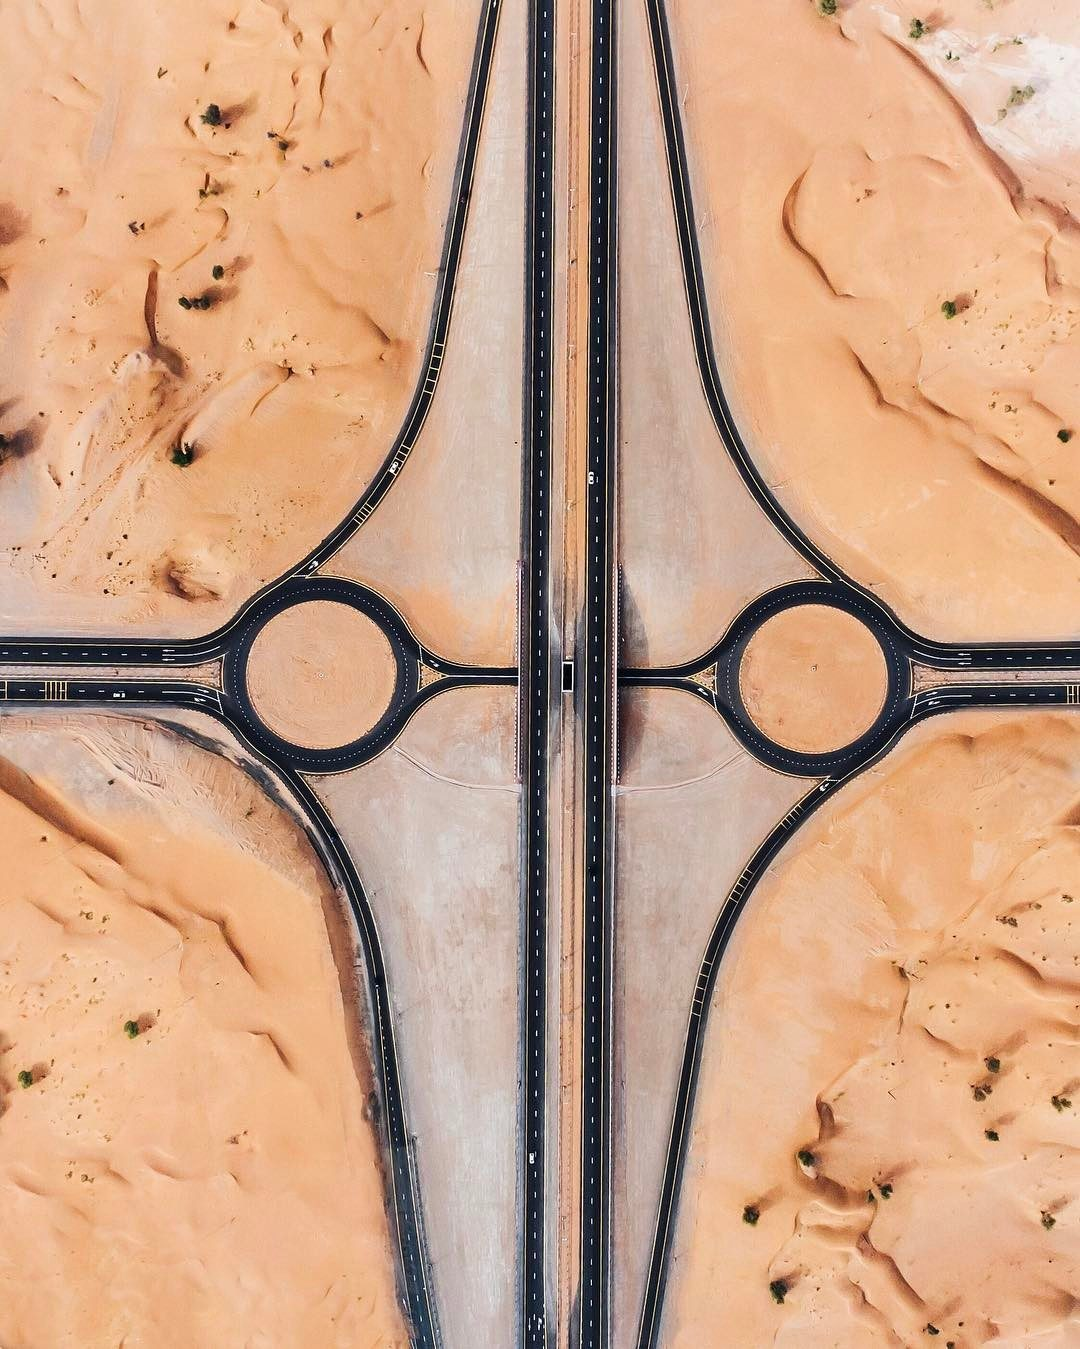 Scatti surreali del deserto arabo